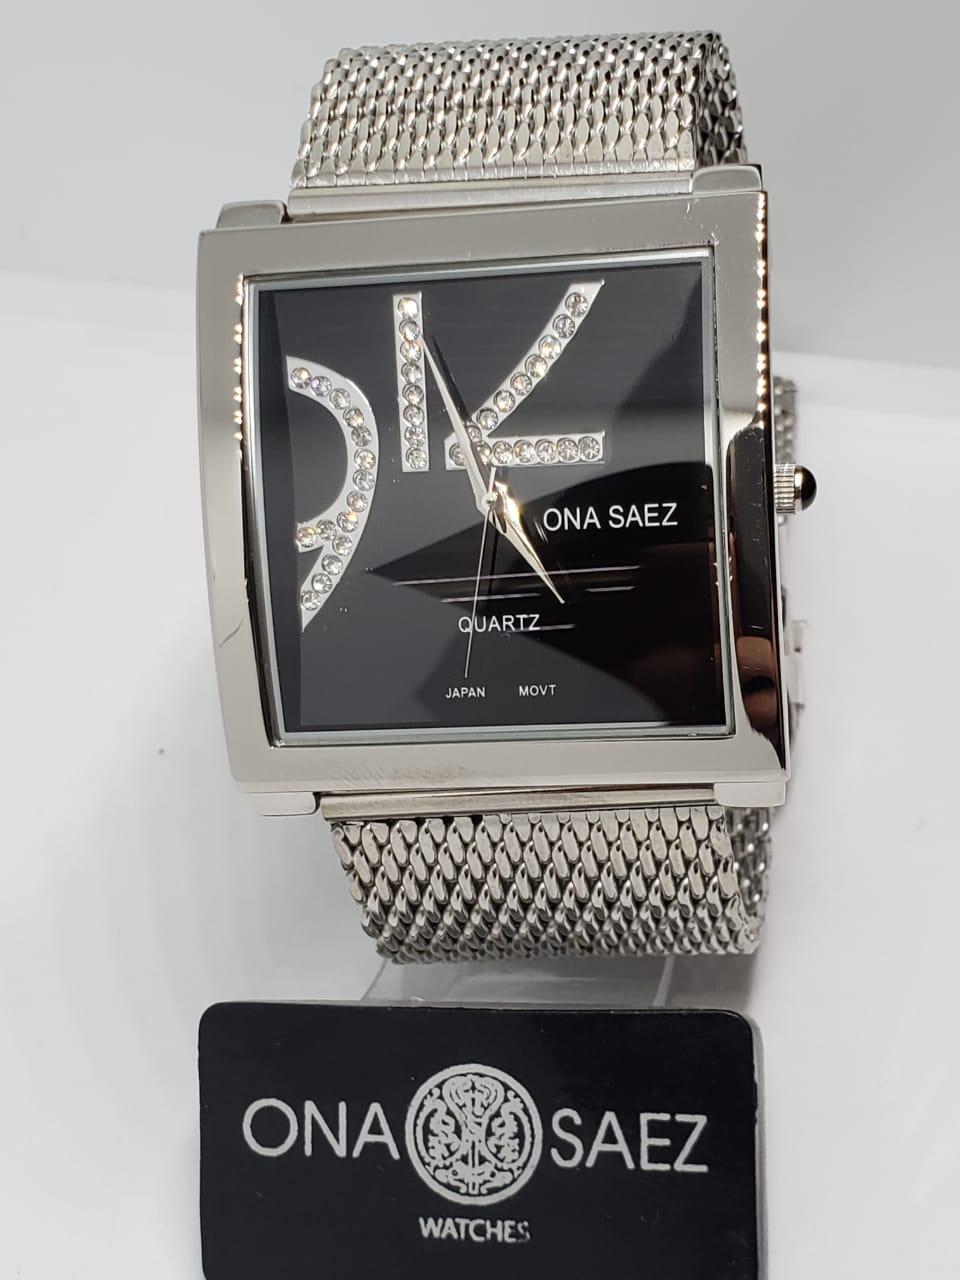 e8b80b061a08 Reloj Ona Saez Dama con cristales – malla tejida – Joyas Lan